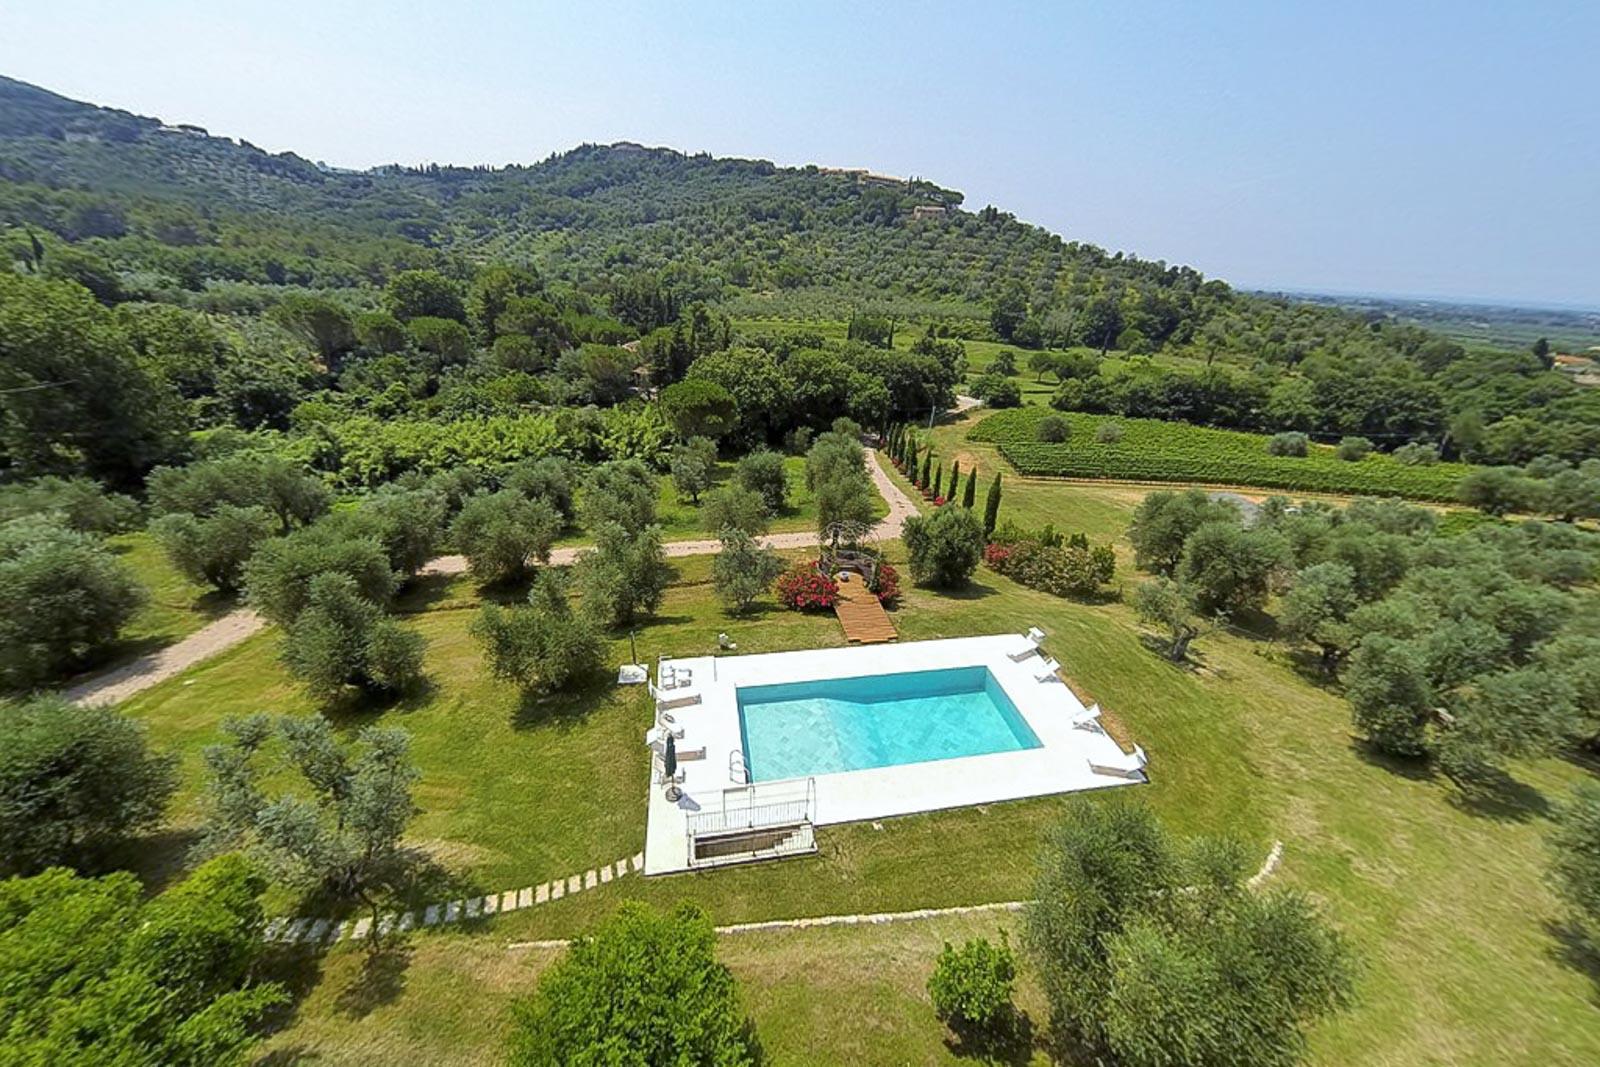 Casale Toscano con vista mare, piscina e uliveto vicino a Castagneto Carducci